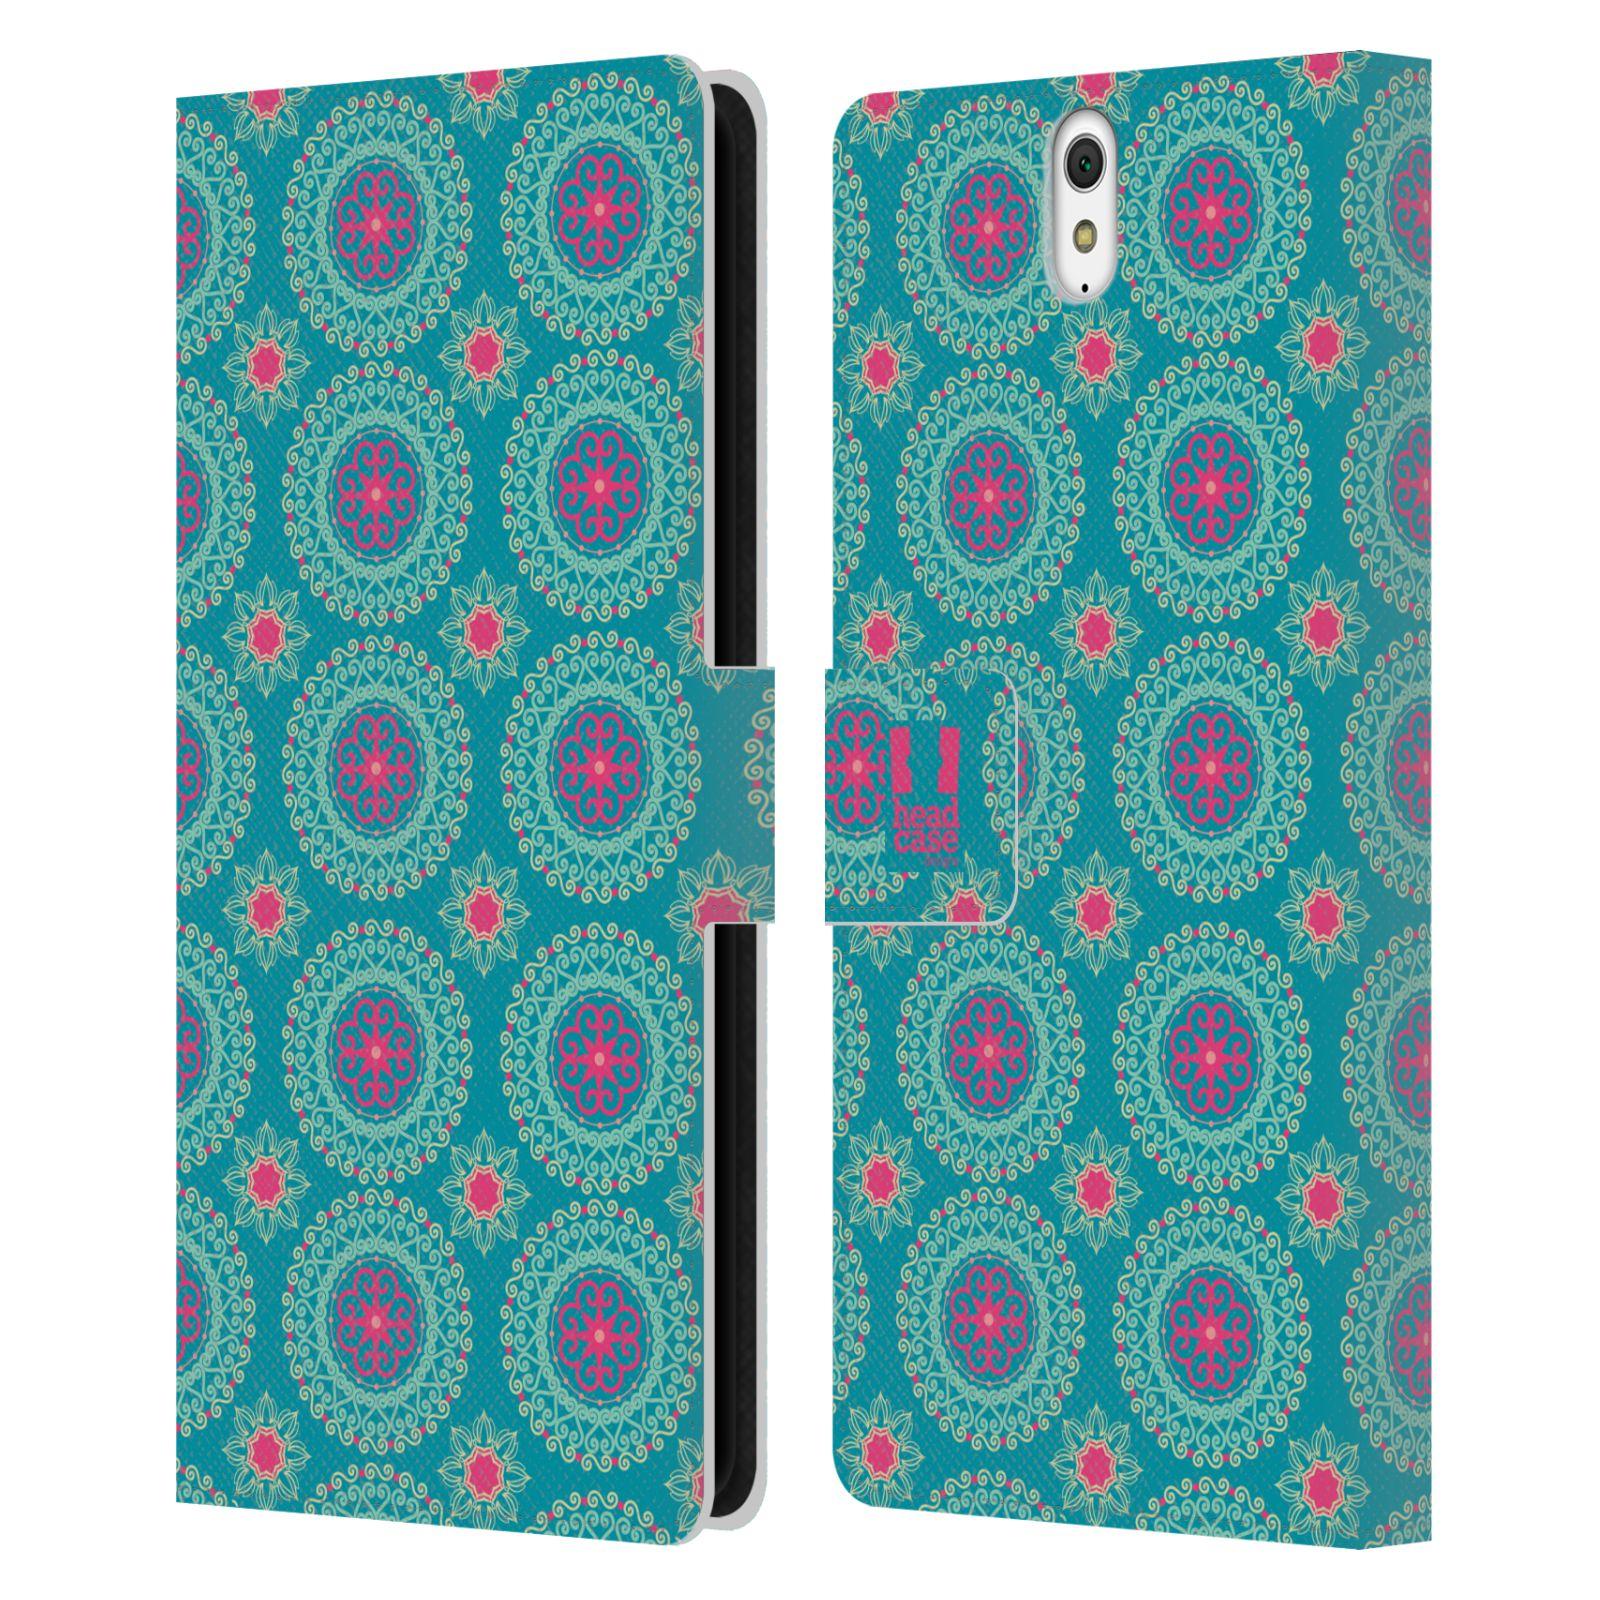 HEAD CASE Flipové pouzdro pro mobil SONY XPERIA C5 Ultra Slovanský vzor modrá/tyrkysová barva kaleidoskop